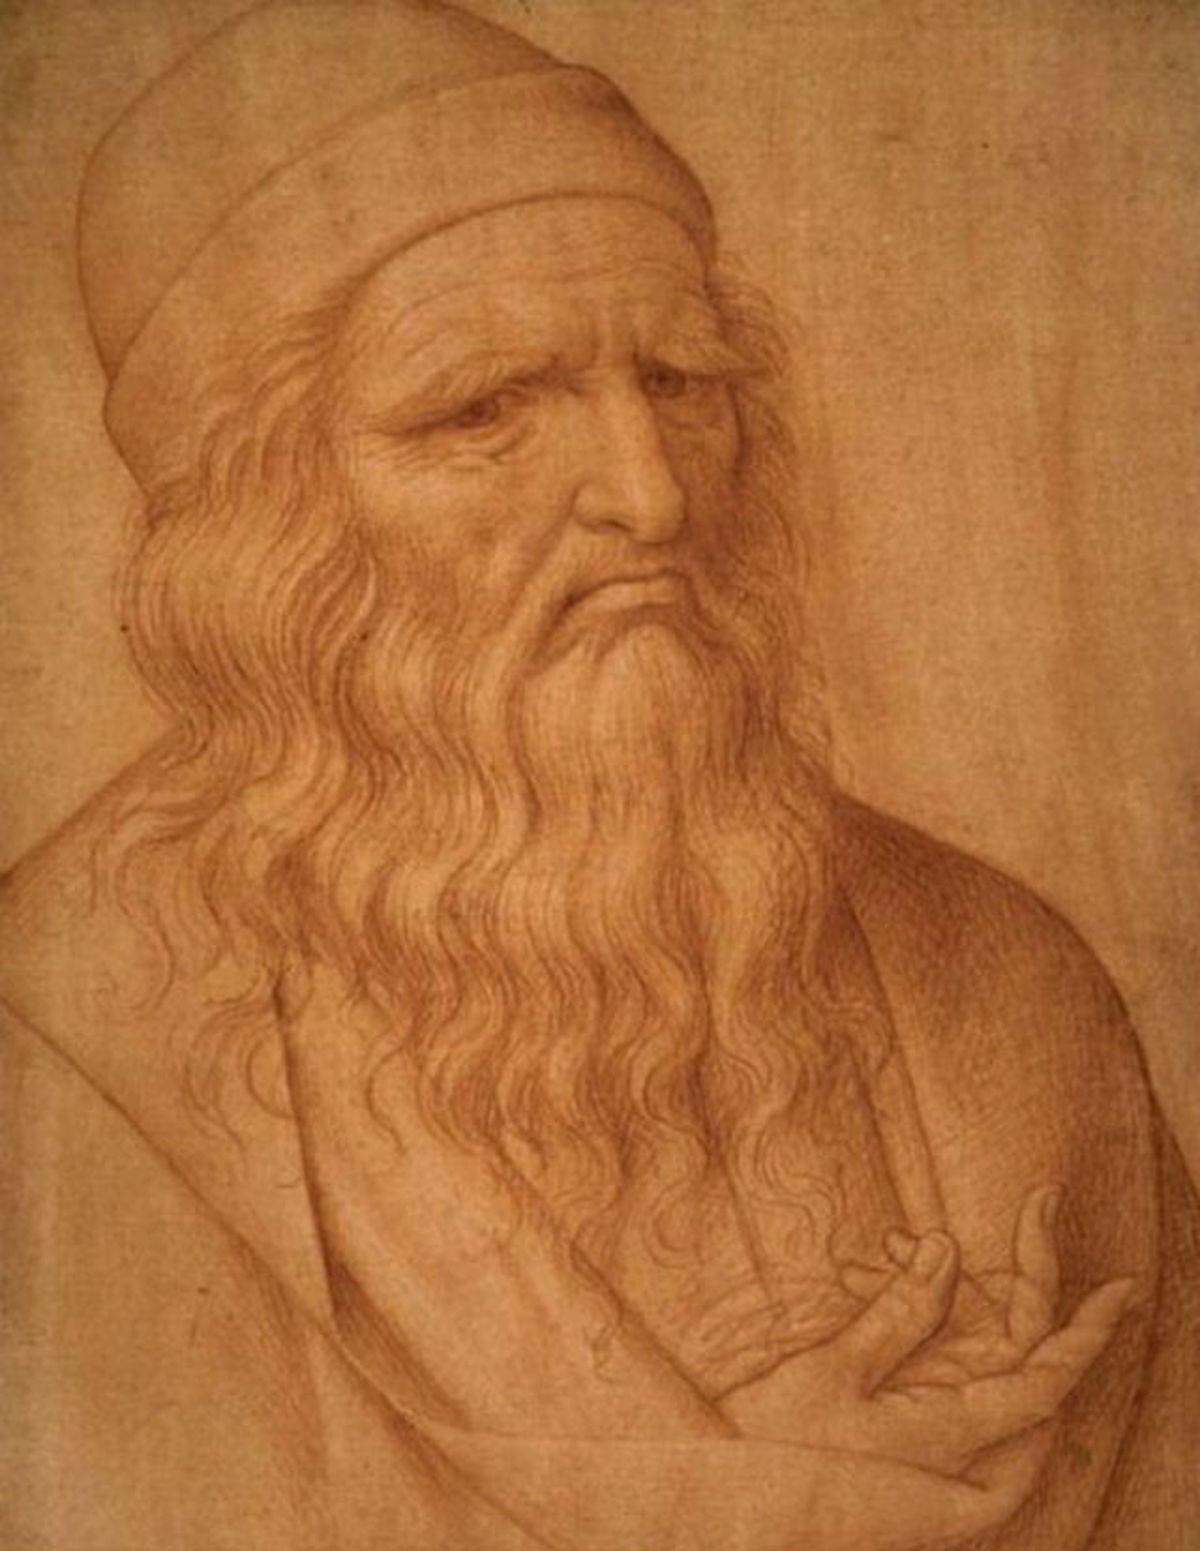 Giovanni Ambrogio Figino portrait of Leonardo da Vinci. Courtesy Gallerie dell'Accademia, Venice.